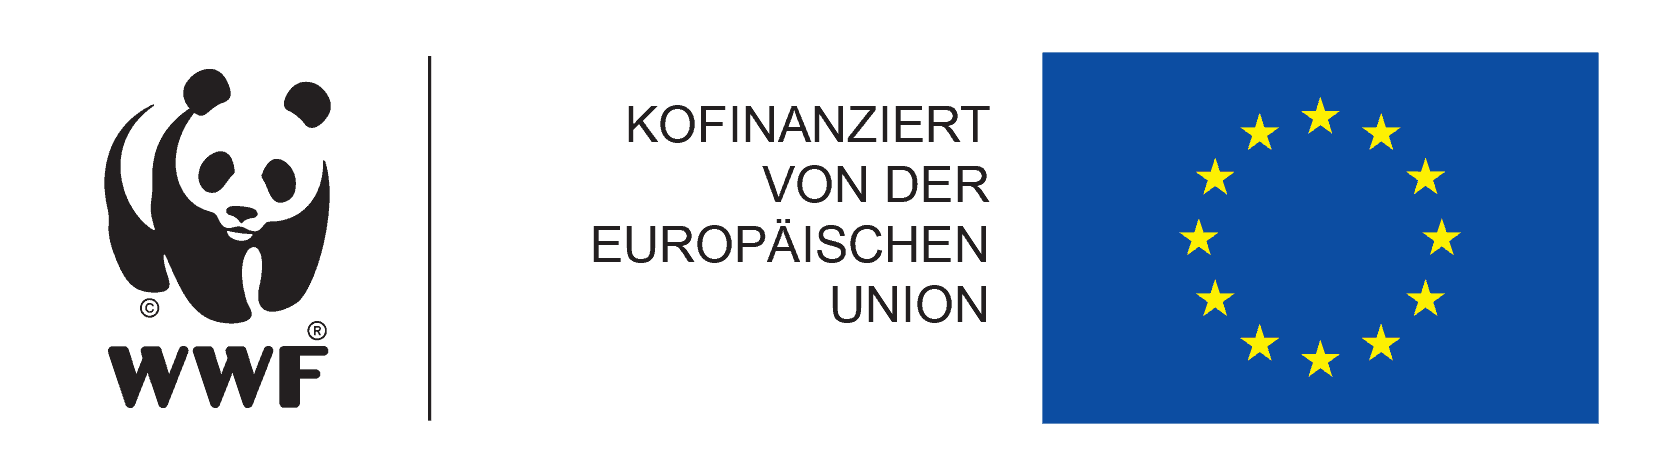 WWF und EU logobadge für kofinanzierte Projekte